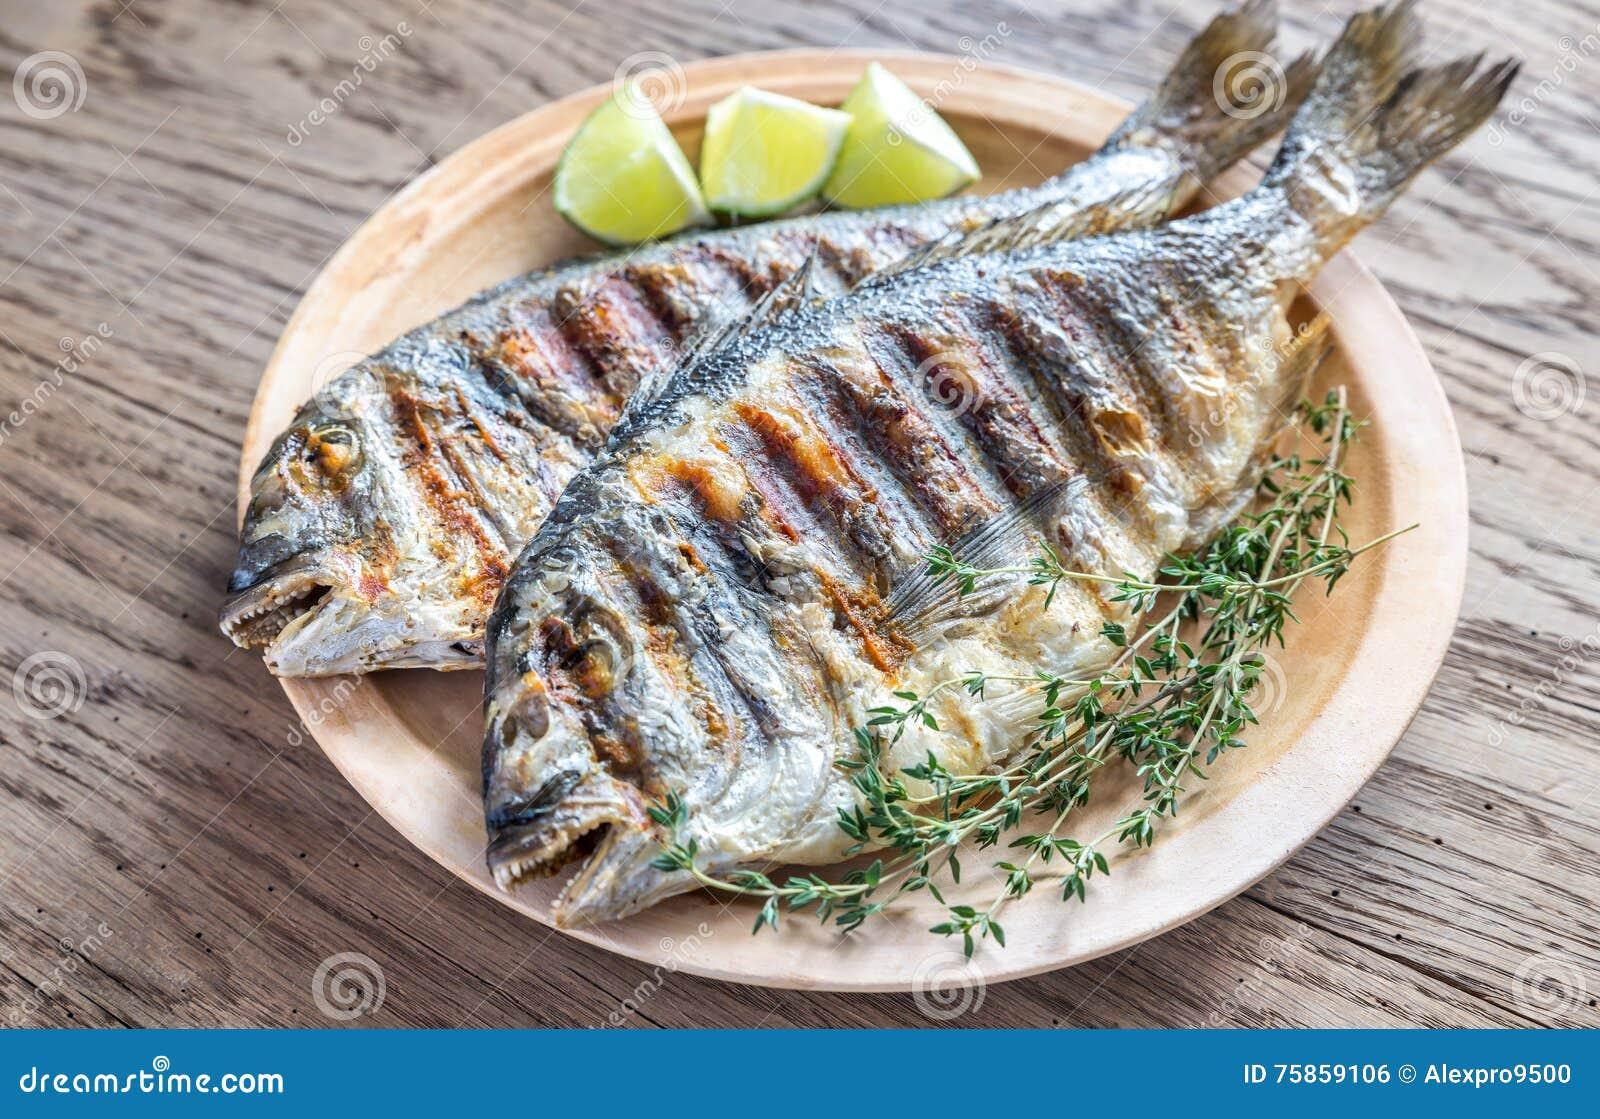 Dorade grelhado Royale Fish